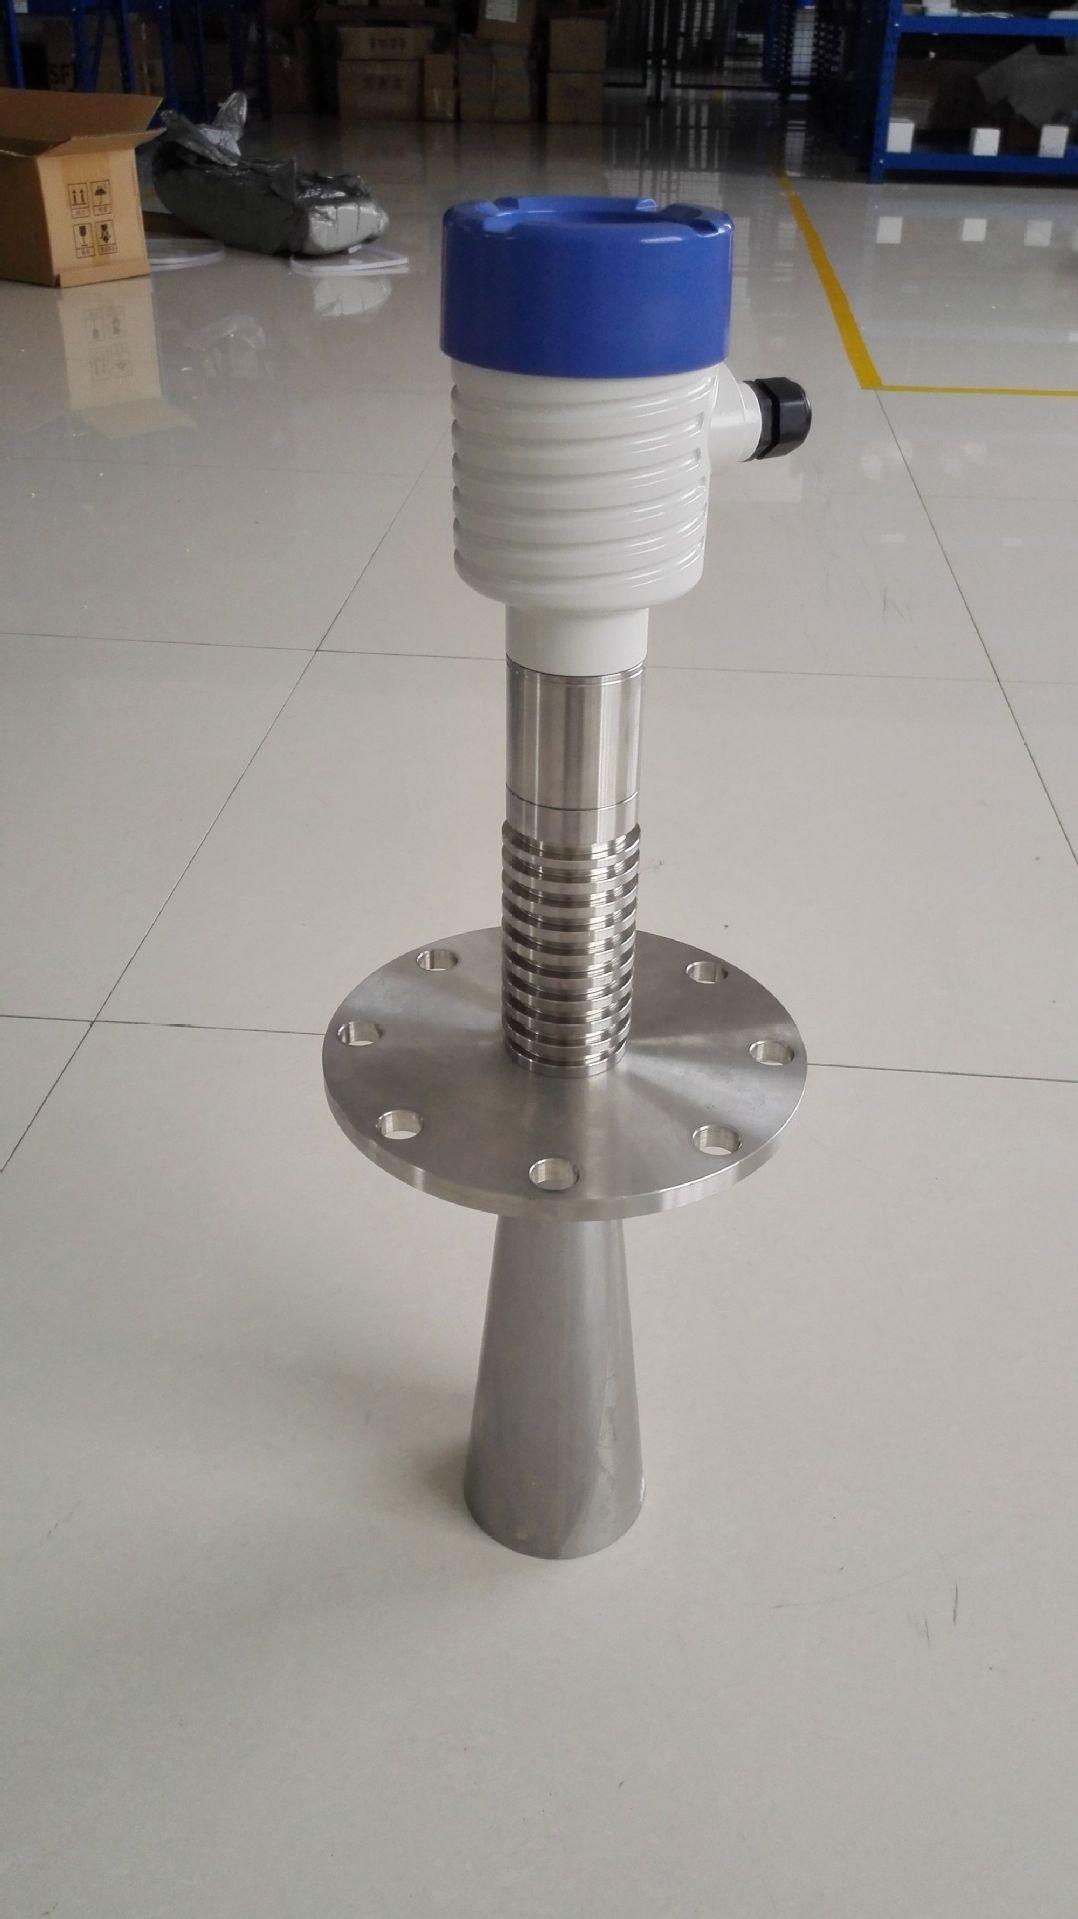 压力变送器生产厂家_雷达液位计,雷达液位计生产厂家,价格_淮安万丰测控技术有限公司